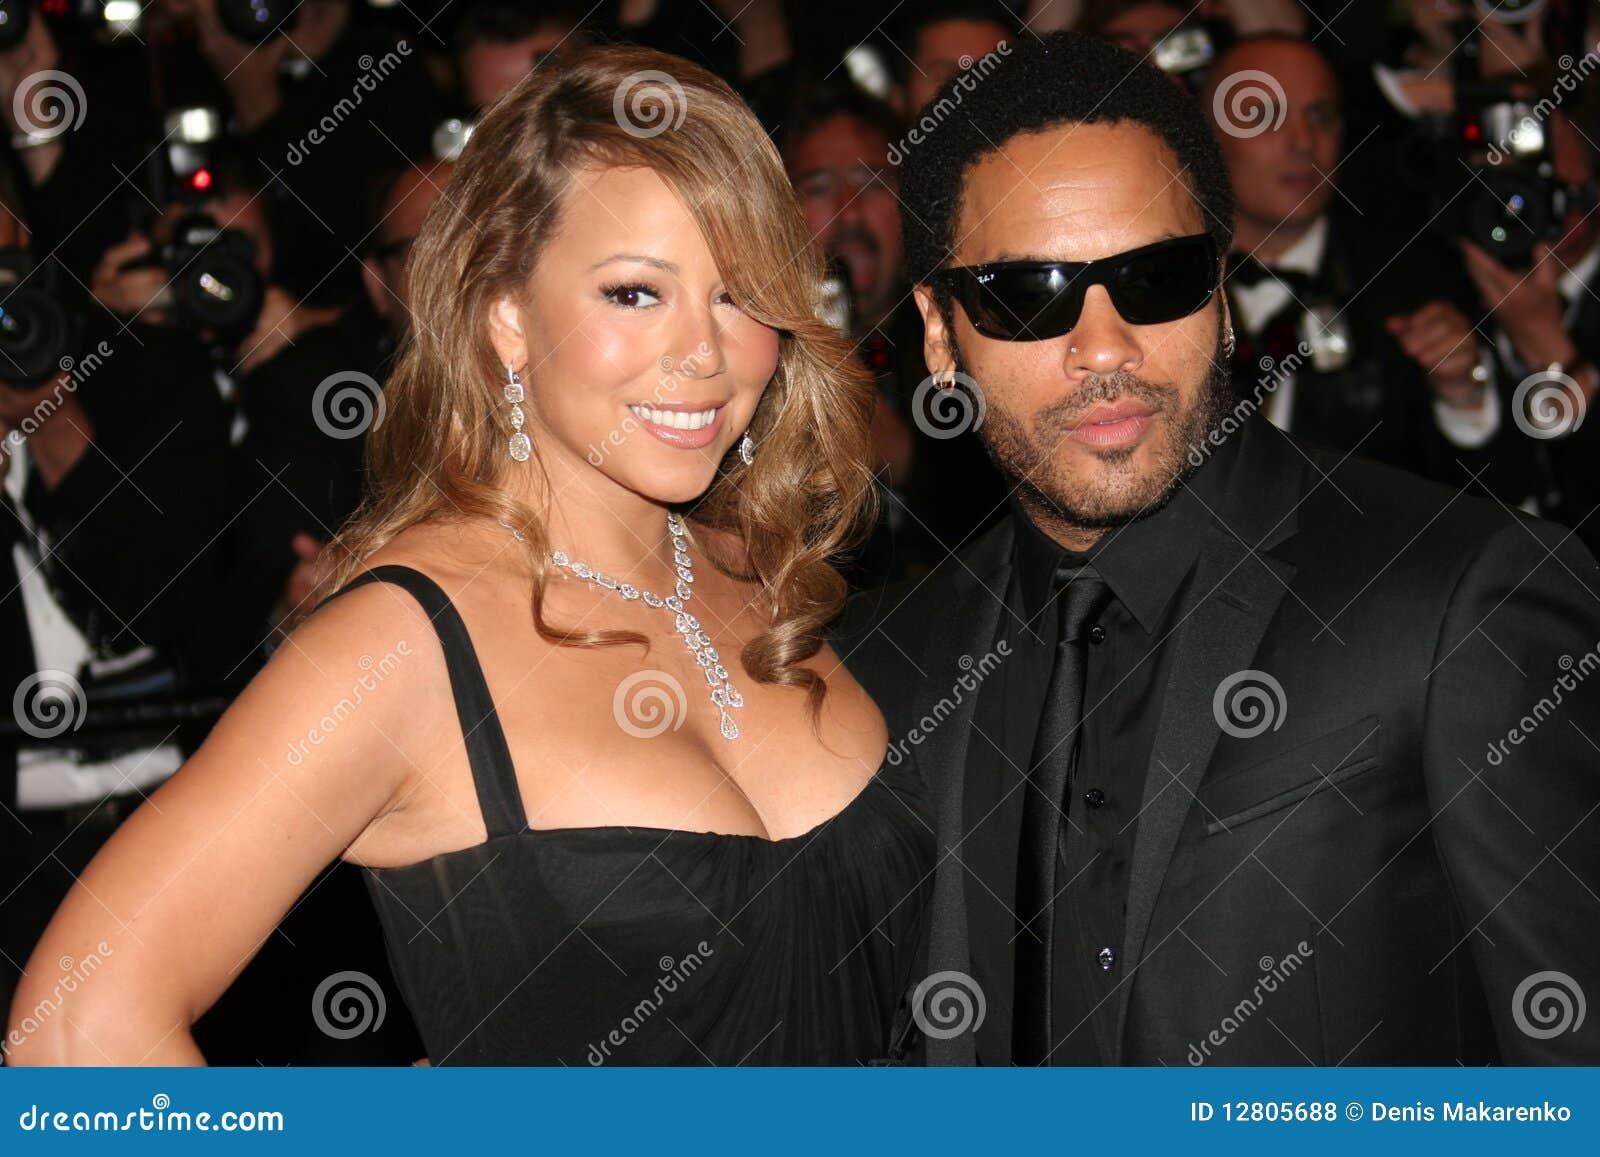 Actriz/cantor Mariah Carey & ator/músico Lenny